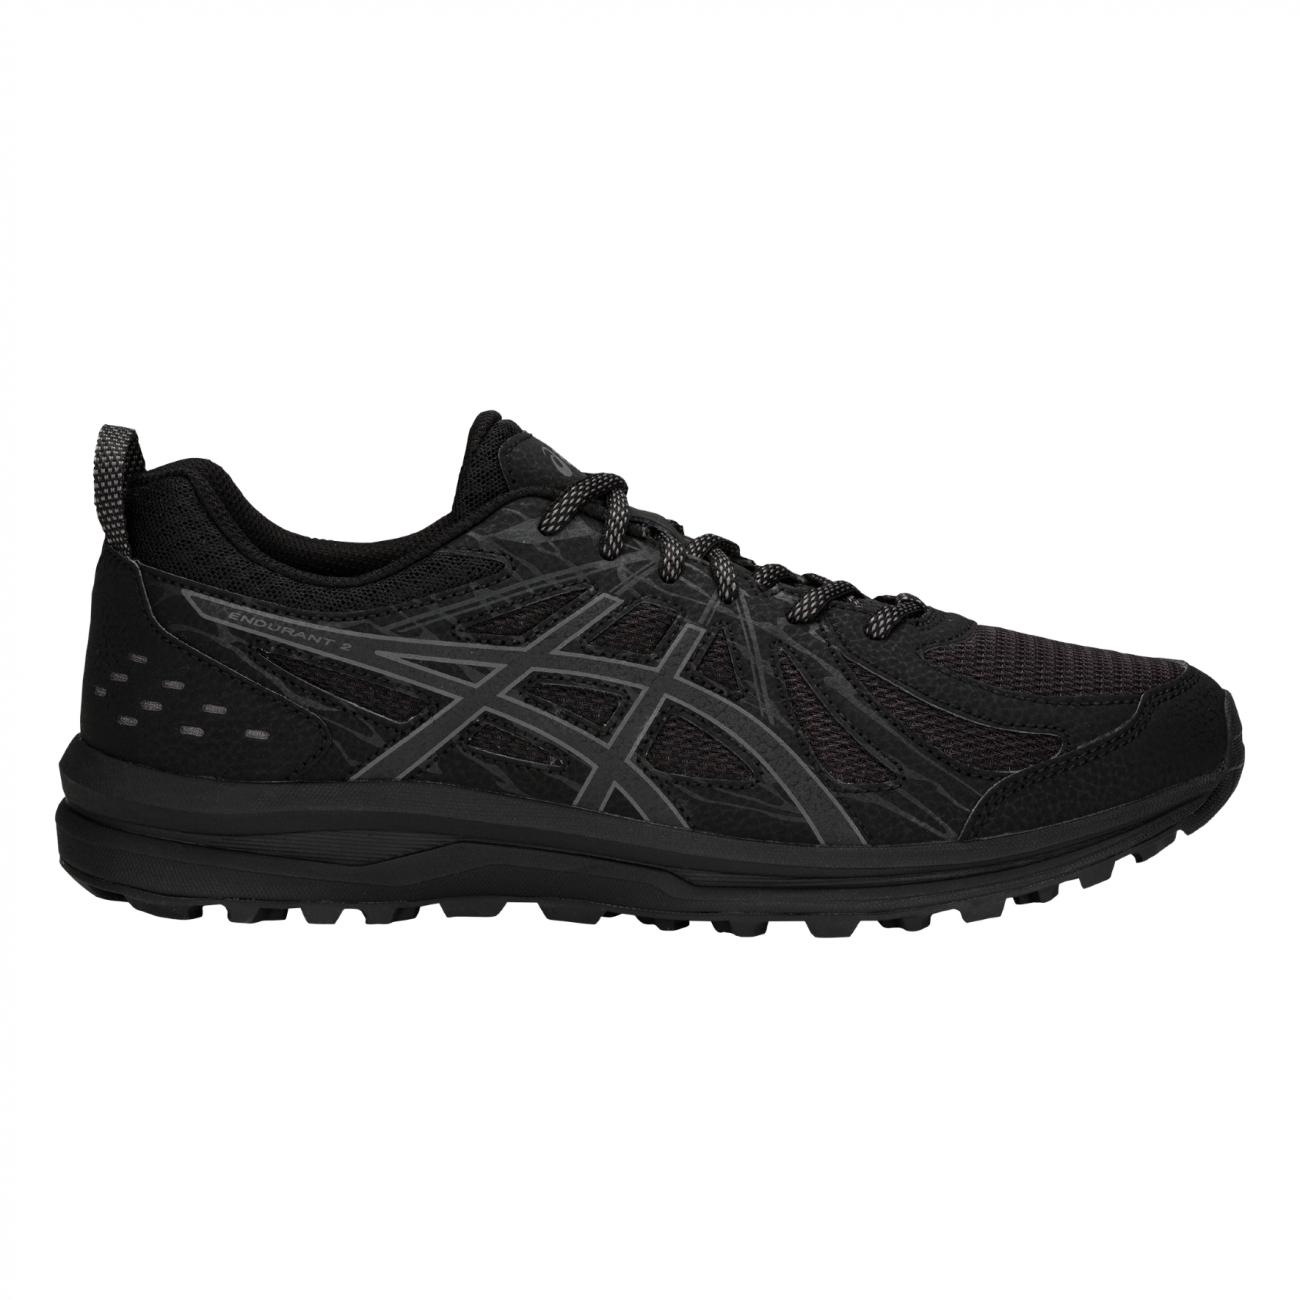 Chaussures de Running Homme Asics Frequent Trail - Noir